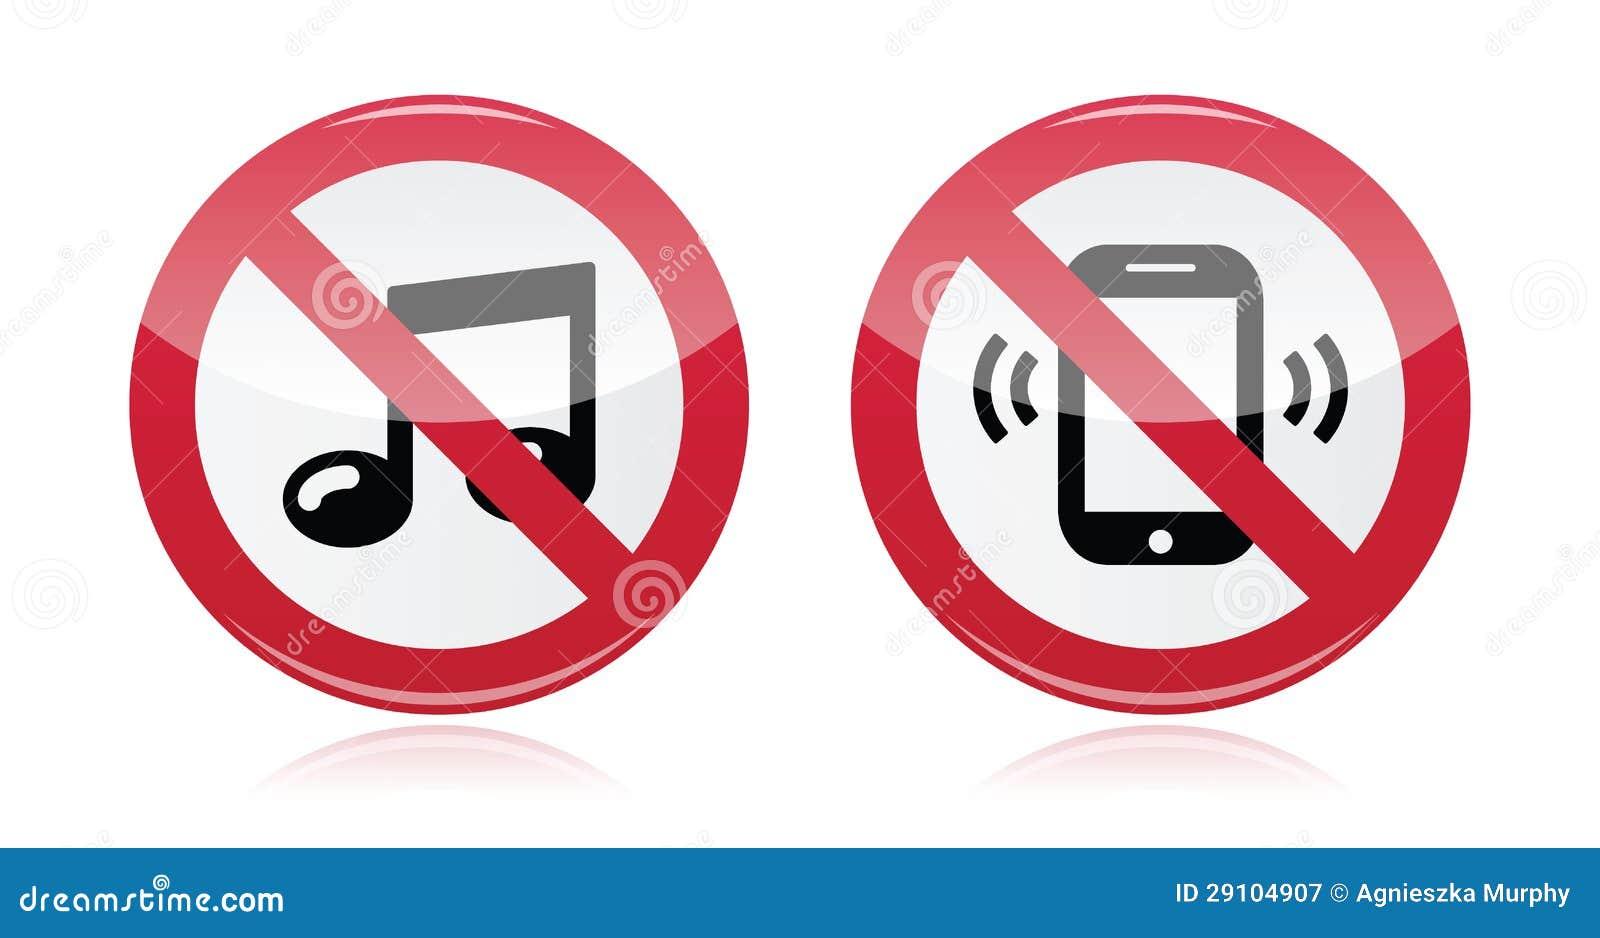 Нельзя шуметь включать музыку